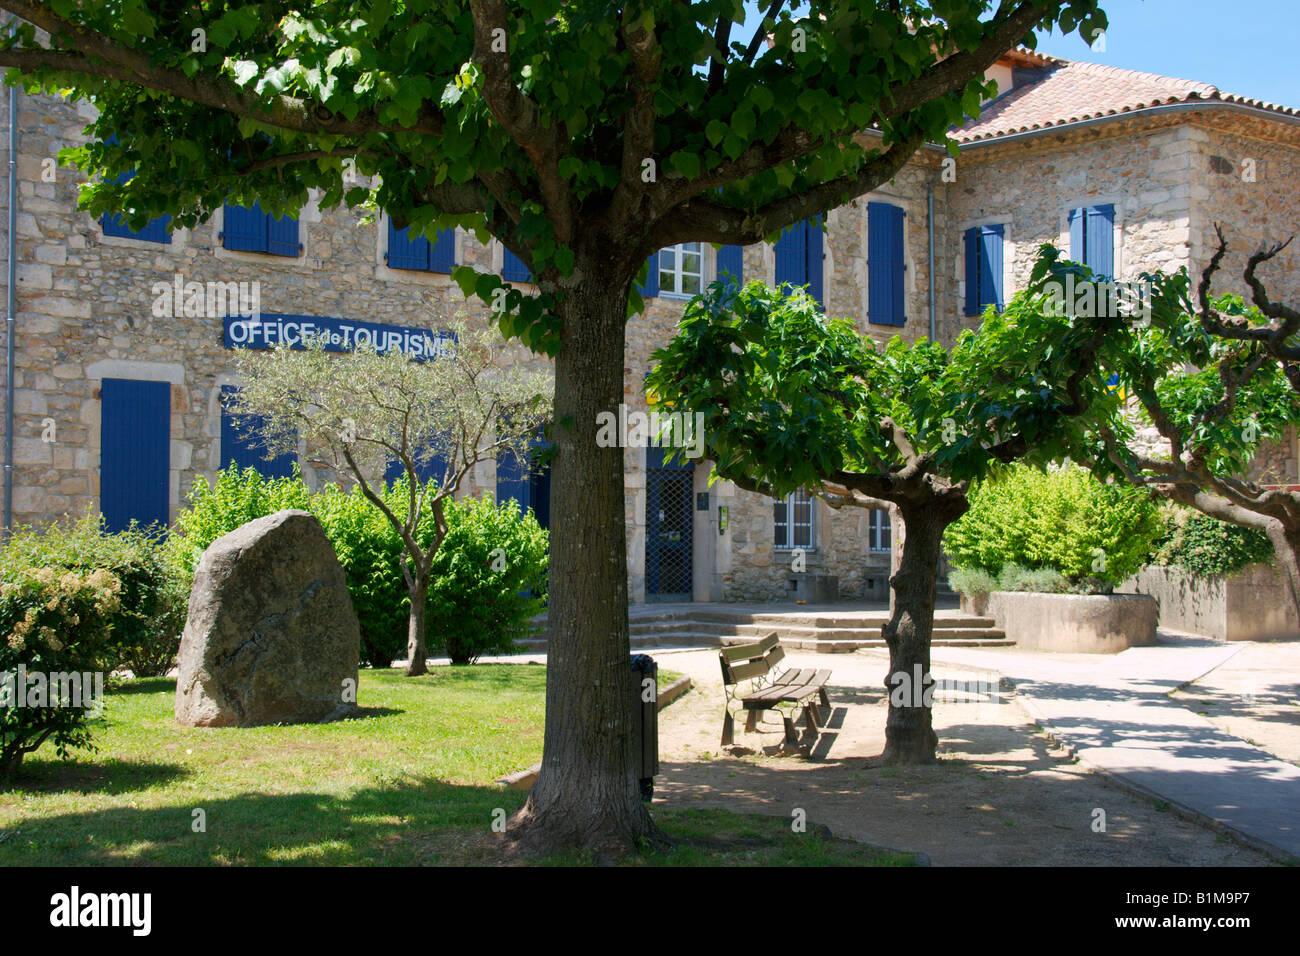 Cevennes village france stock photos cevennes village - Saint jean du gard office de tourisme ...